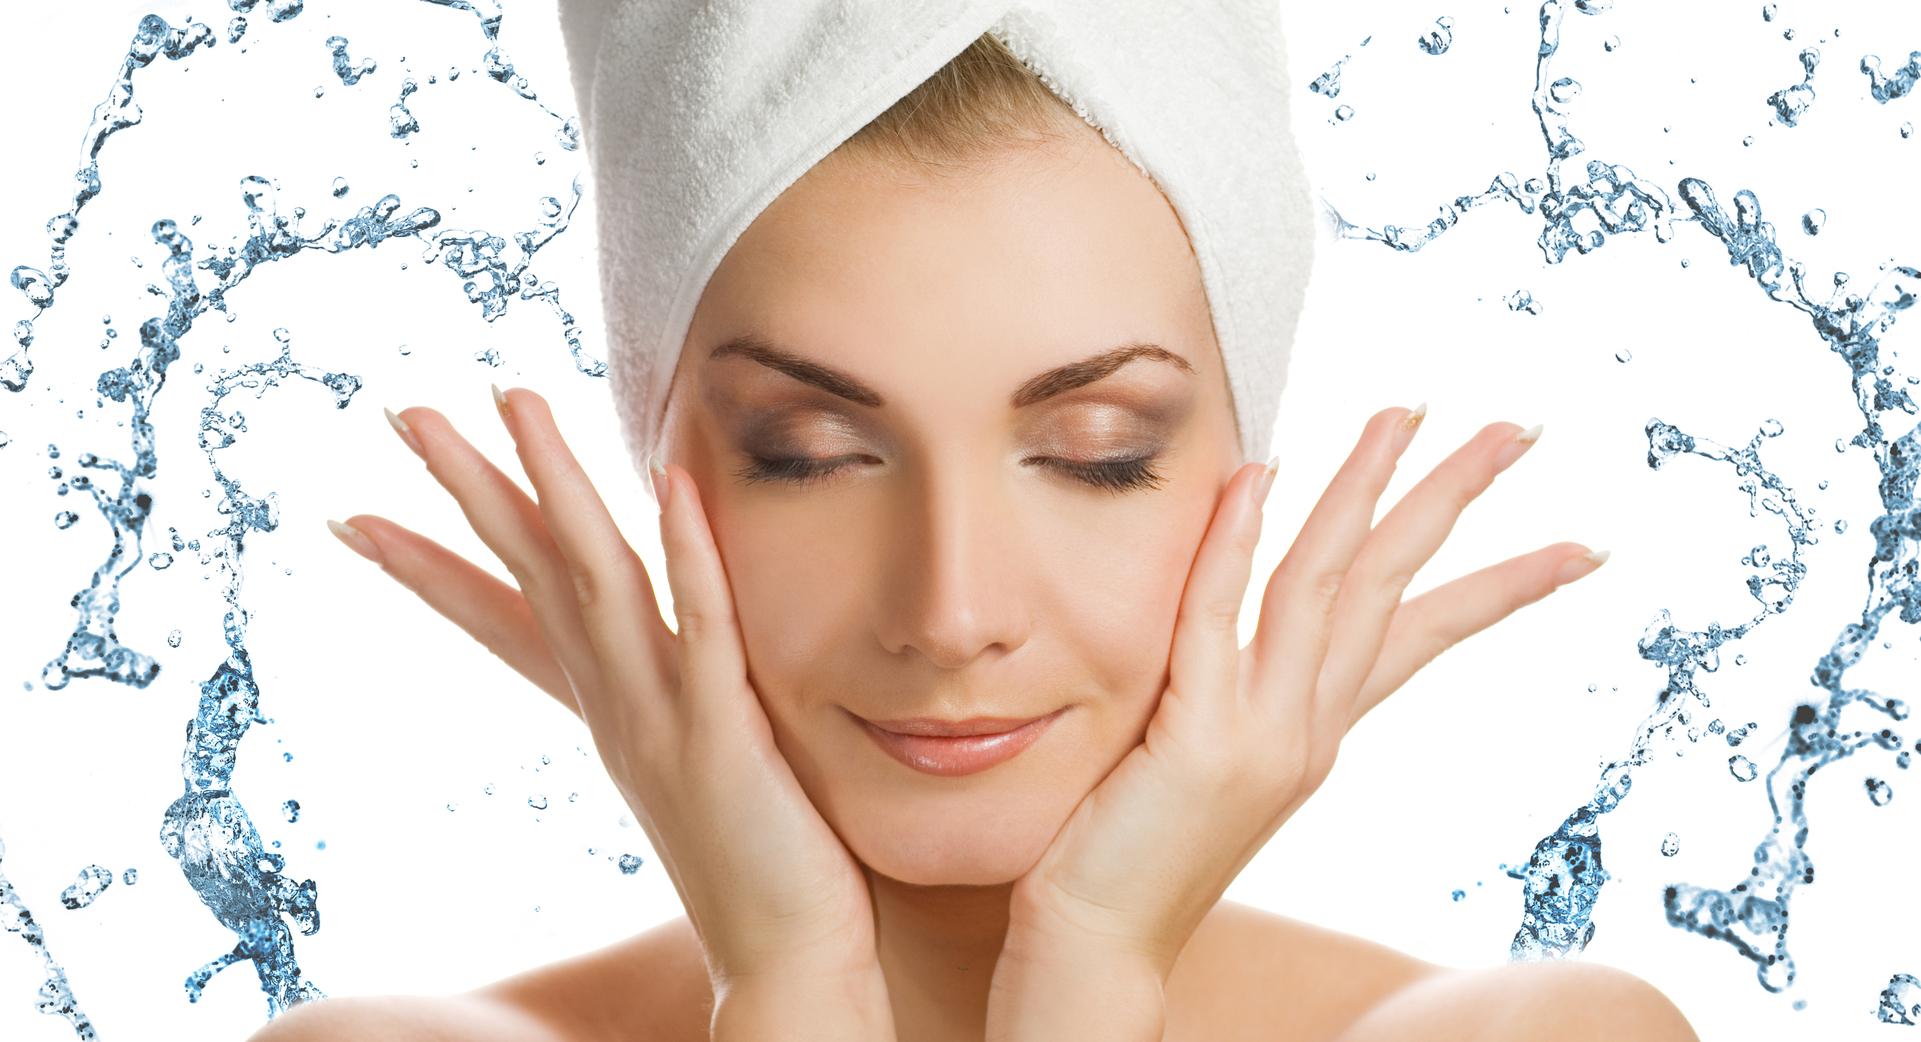 Giải cứu làn da dễ kích ứng với 5 nguyên liệu thiên nhiên dễ tìm mà bạn không thể bỏ qua